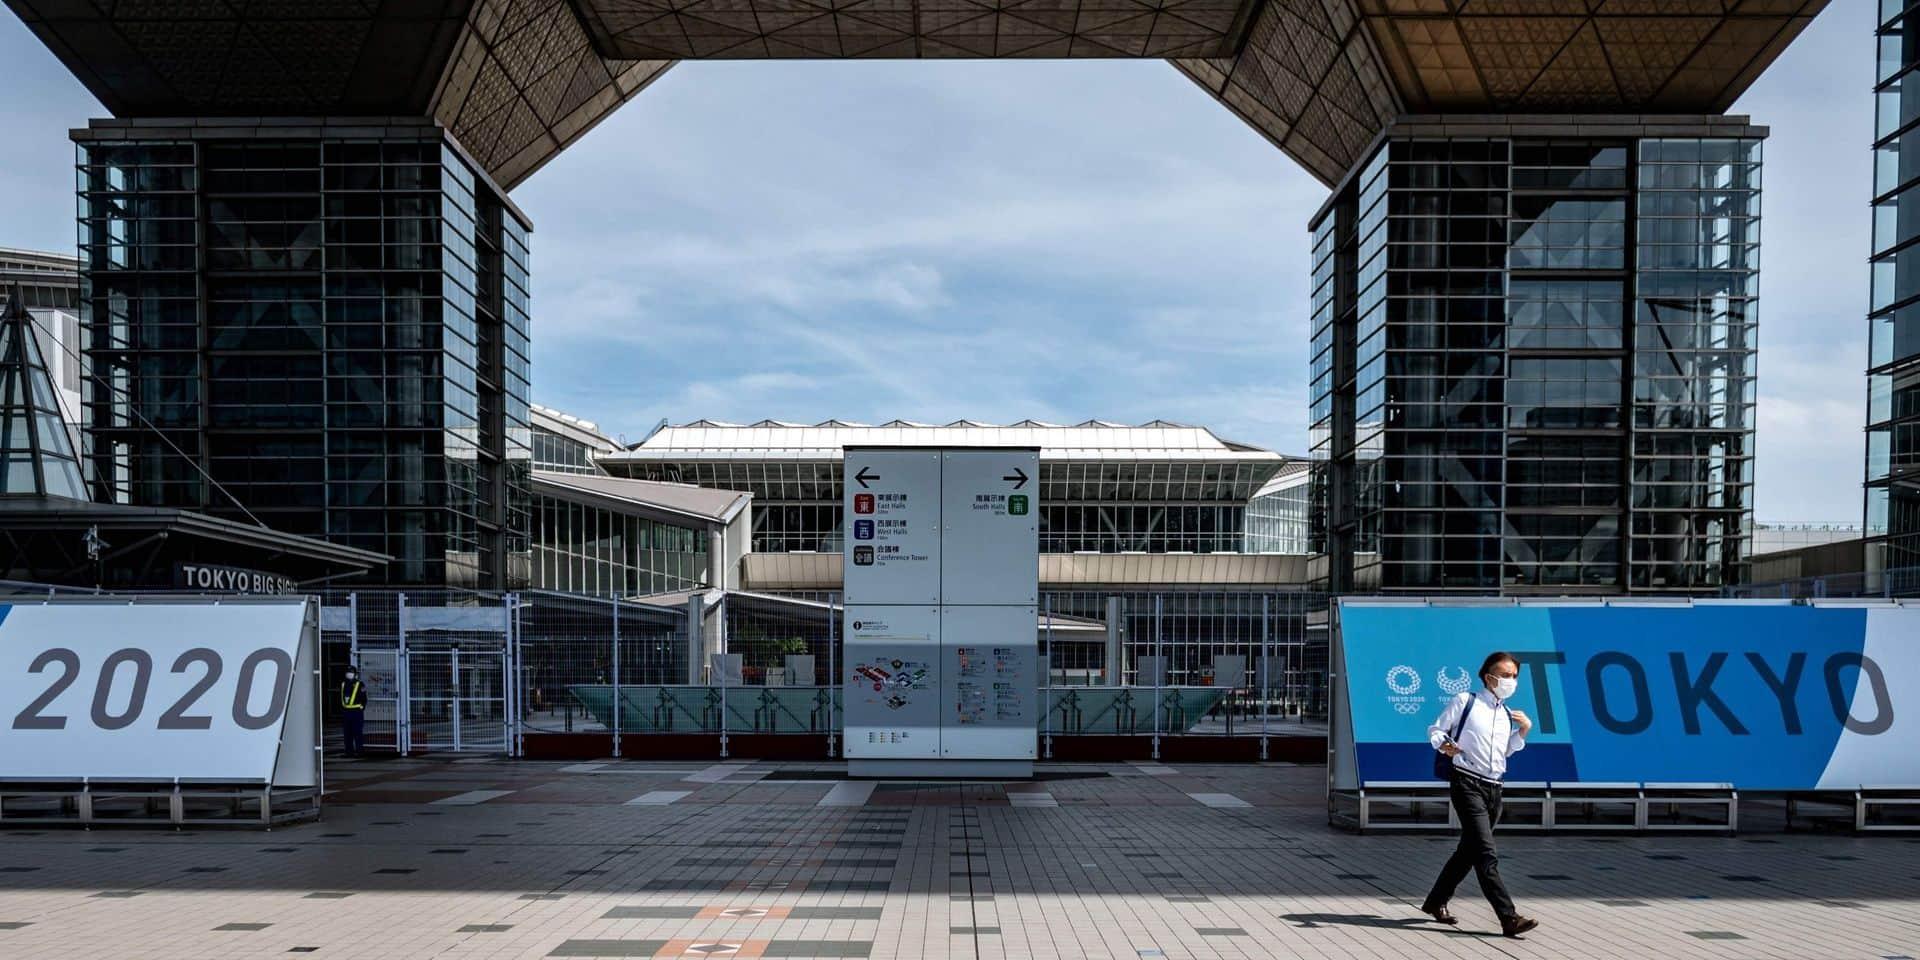 """Comment les sportifs se sont préparés aux conditions extrêmes de Tokyo : """"Vous ne verrez pas les performances habituelles"""""""